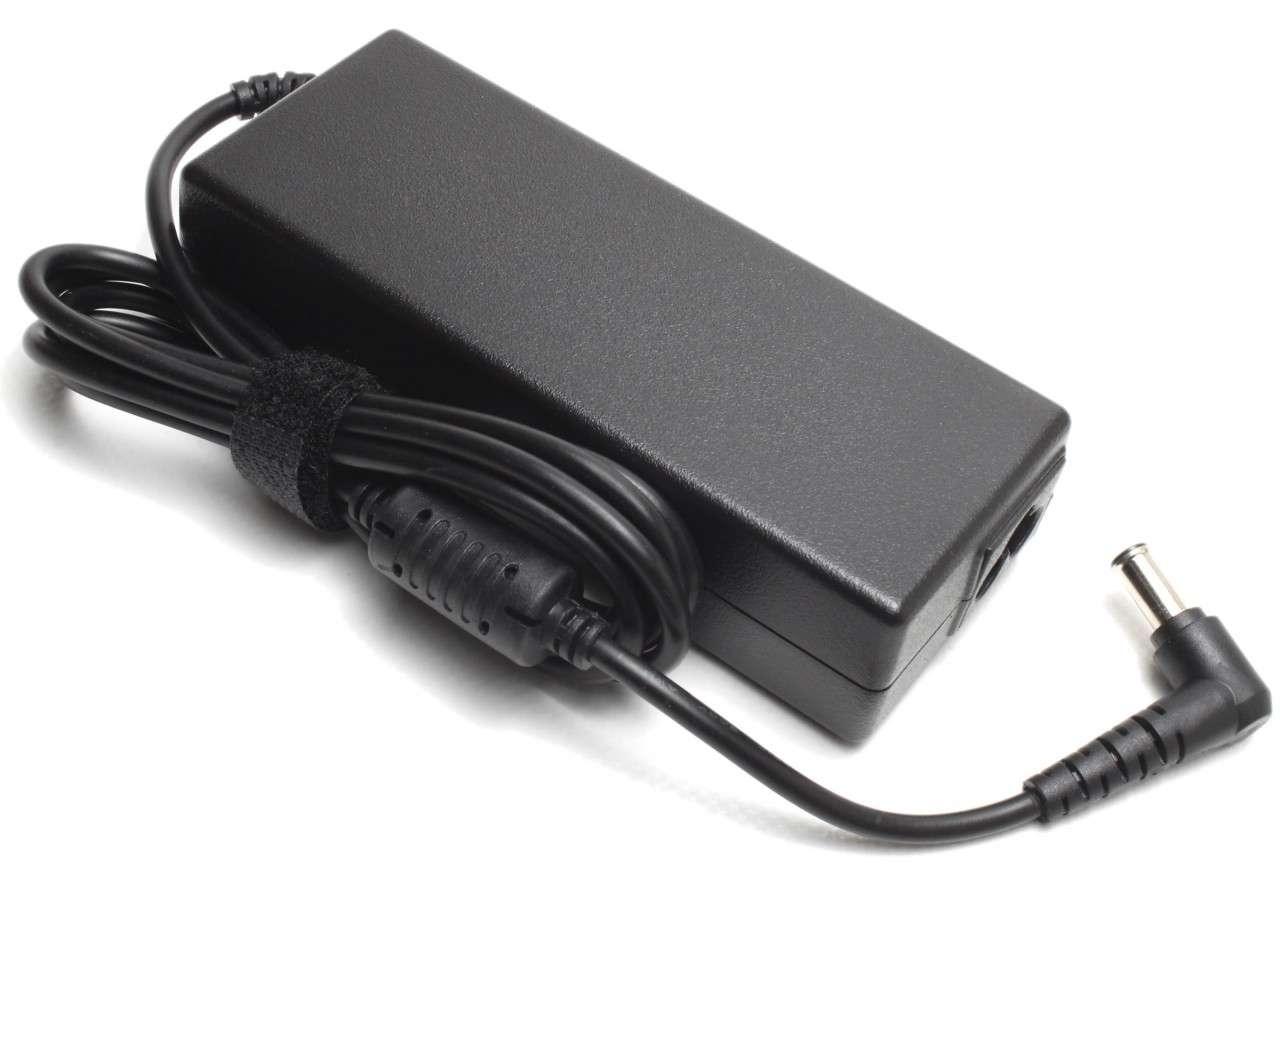 Incarcator Sony Vaio VPCEB1FGX Replacement imagine powerlaptop.ro 2021